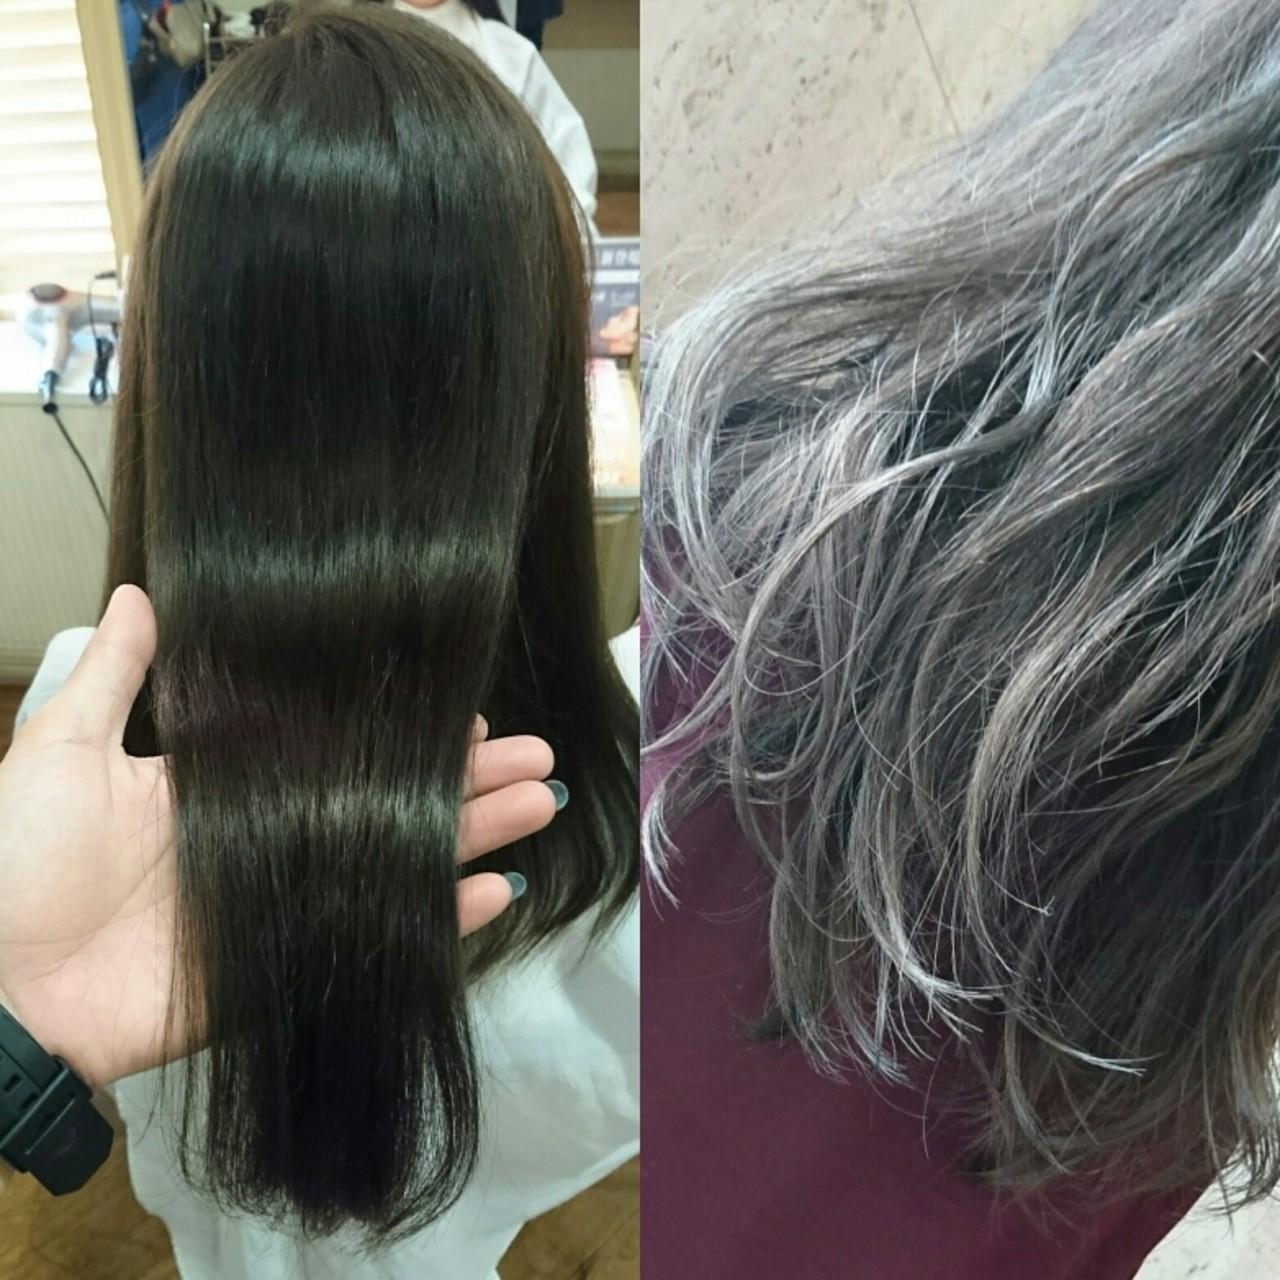 ナチュラル ストレート パーマ フェミニンヘアスタイルや髪型の写真・画像